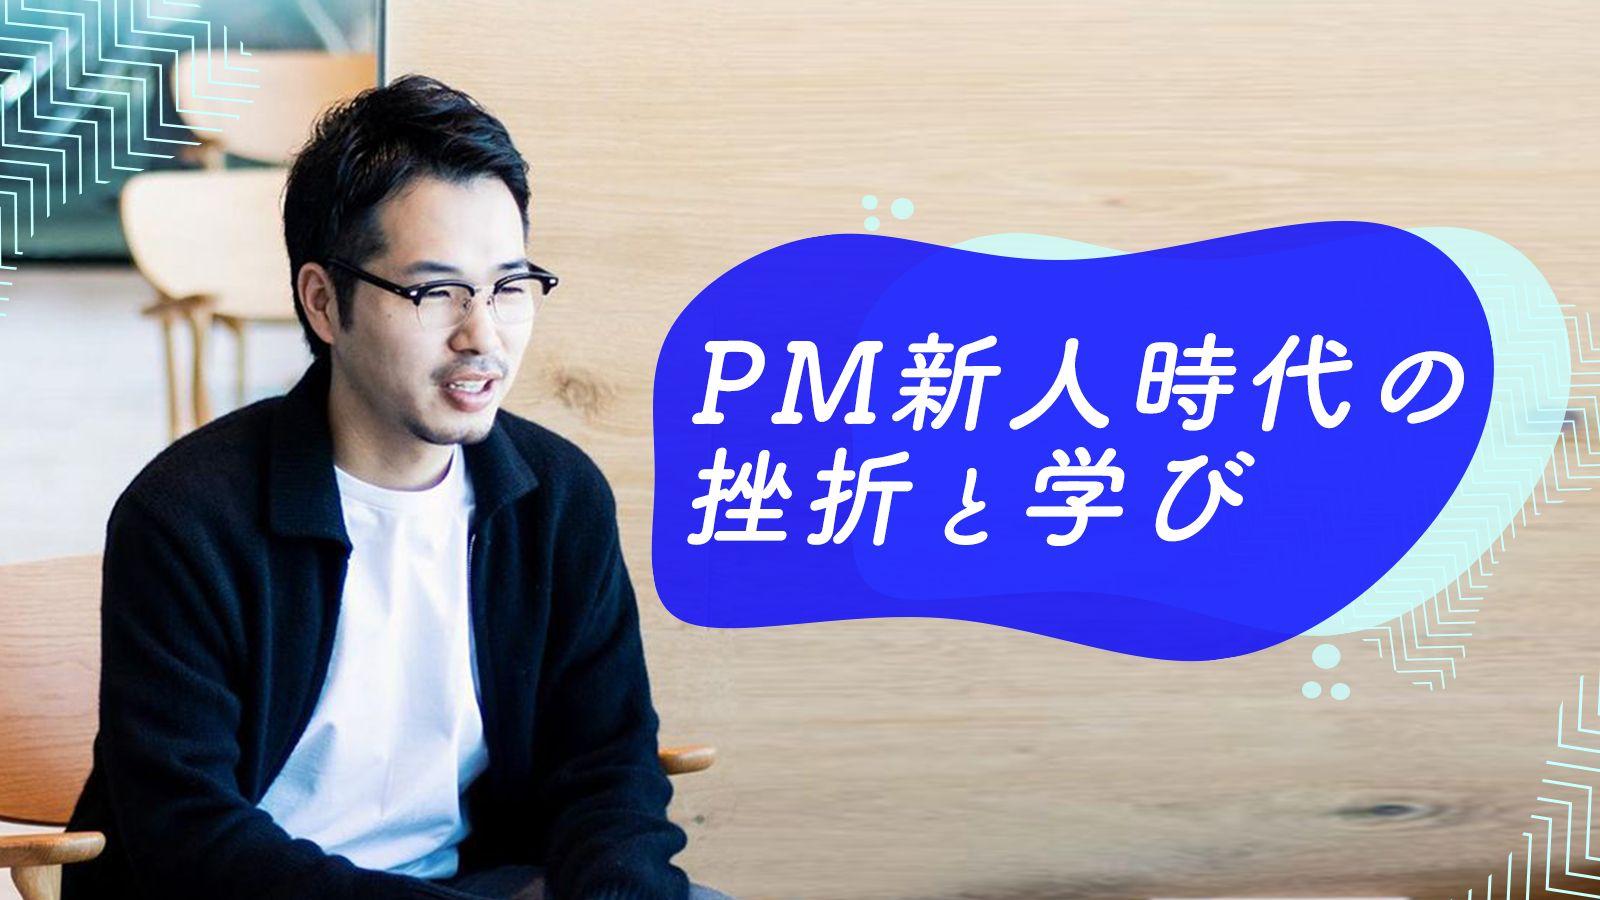 「人を動かす力を学べ」LINE 二木祥平を変えた一言